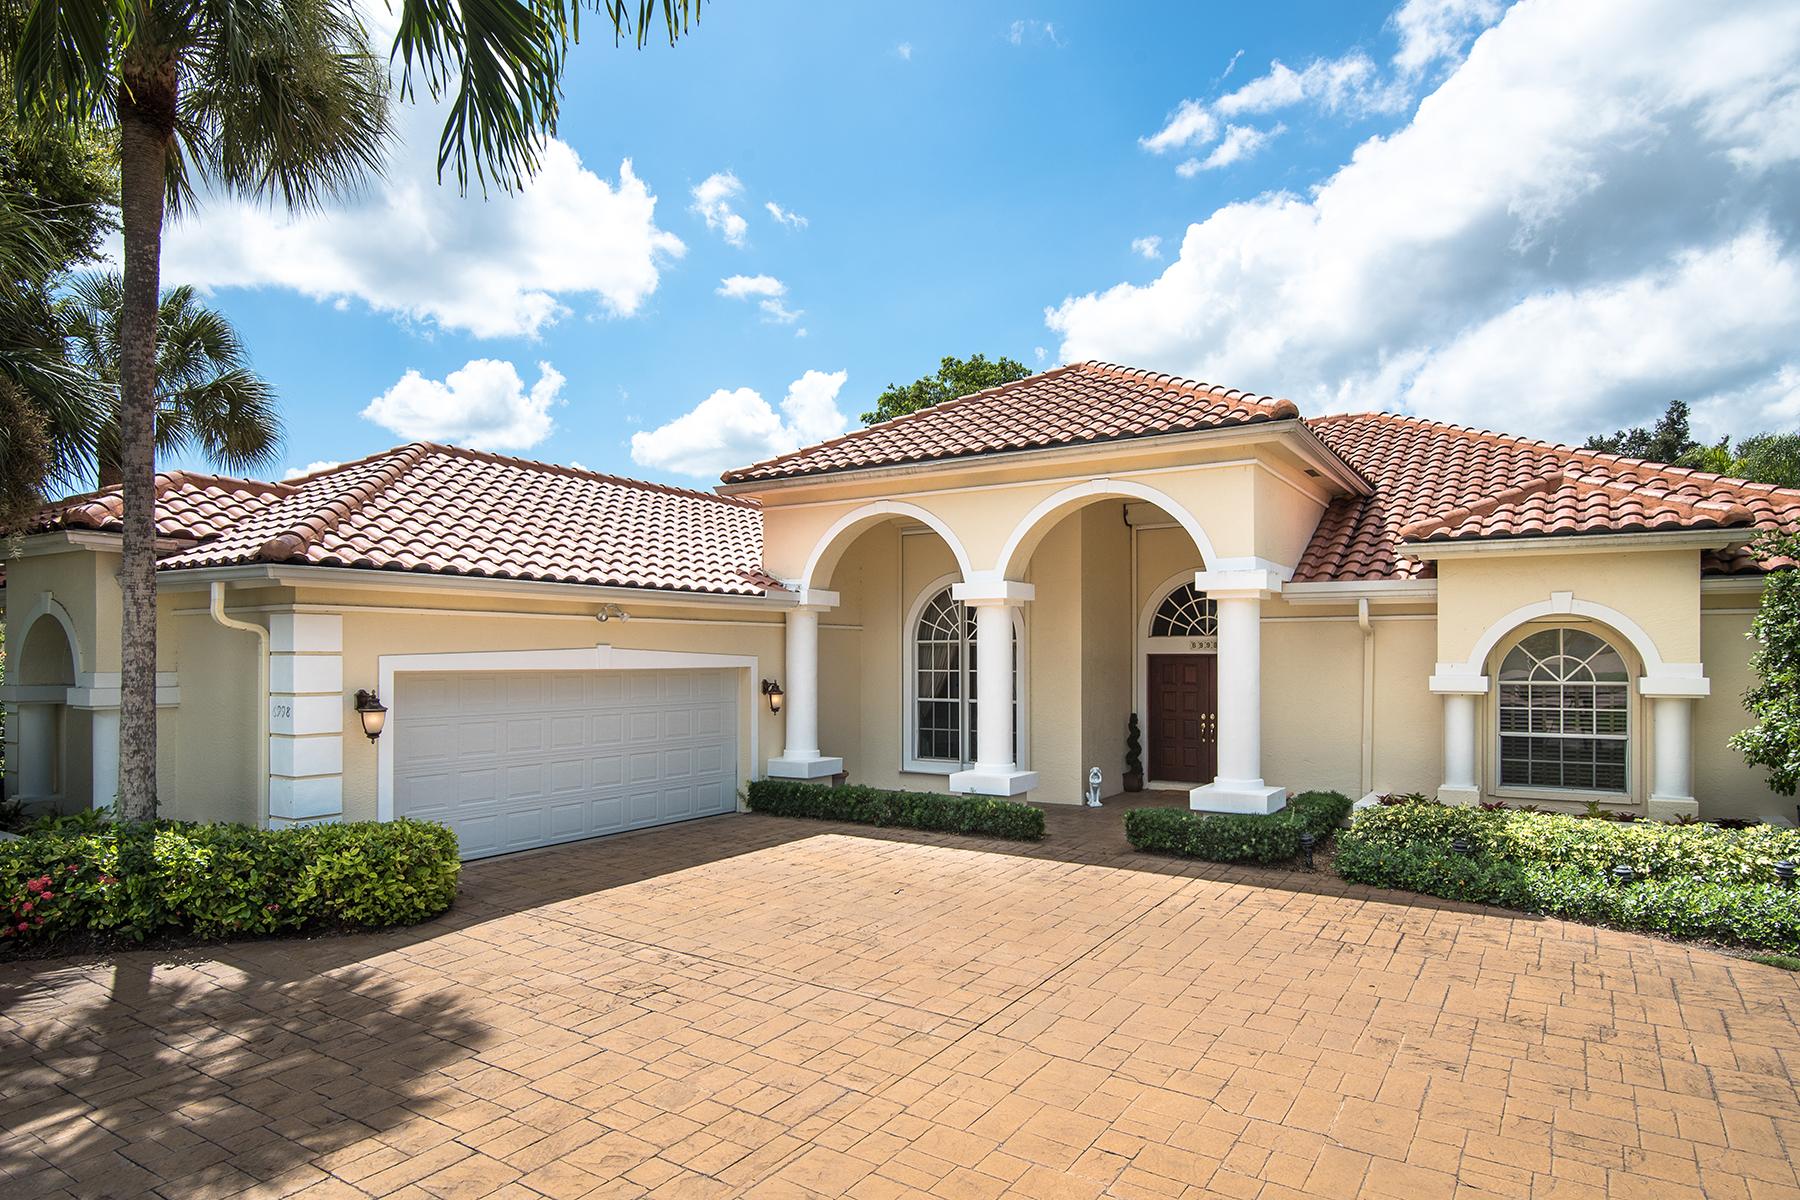 단독 가정 주택 용 매매 에 Barrington at Pelican Bay 6998 Greentree Dr Pelican Bay, Naples, 플로리다 34108 미국